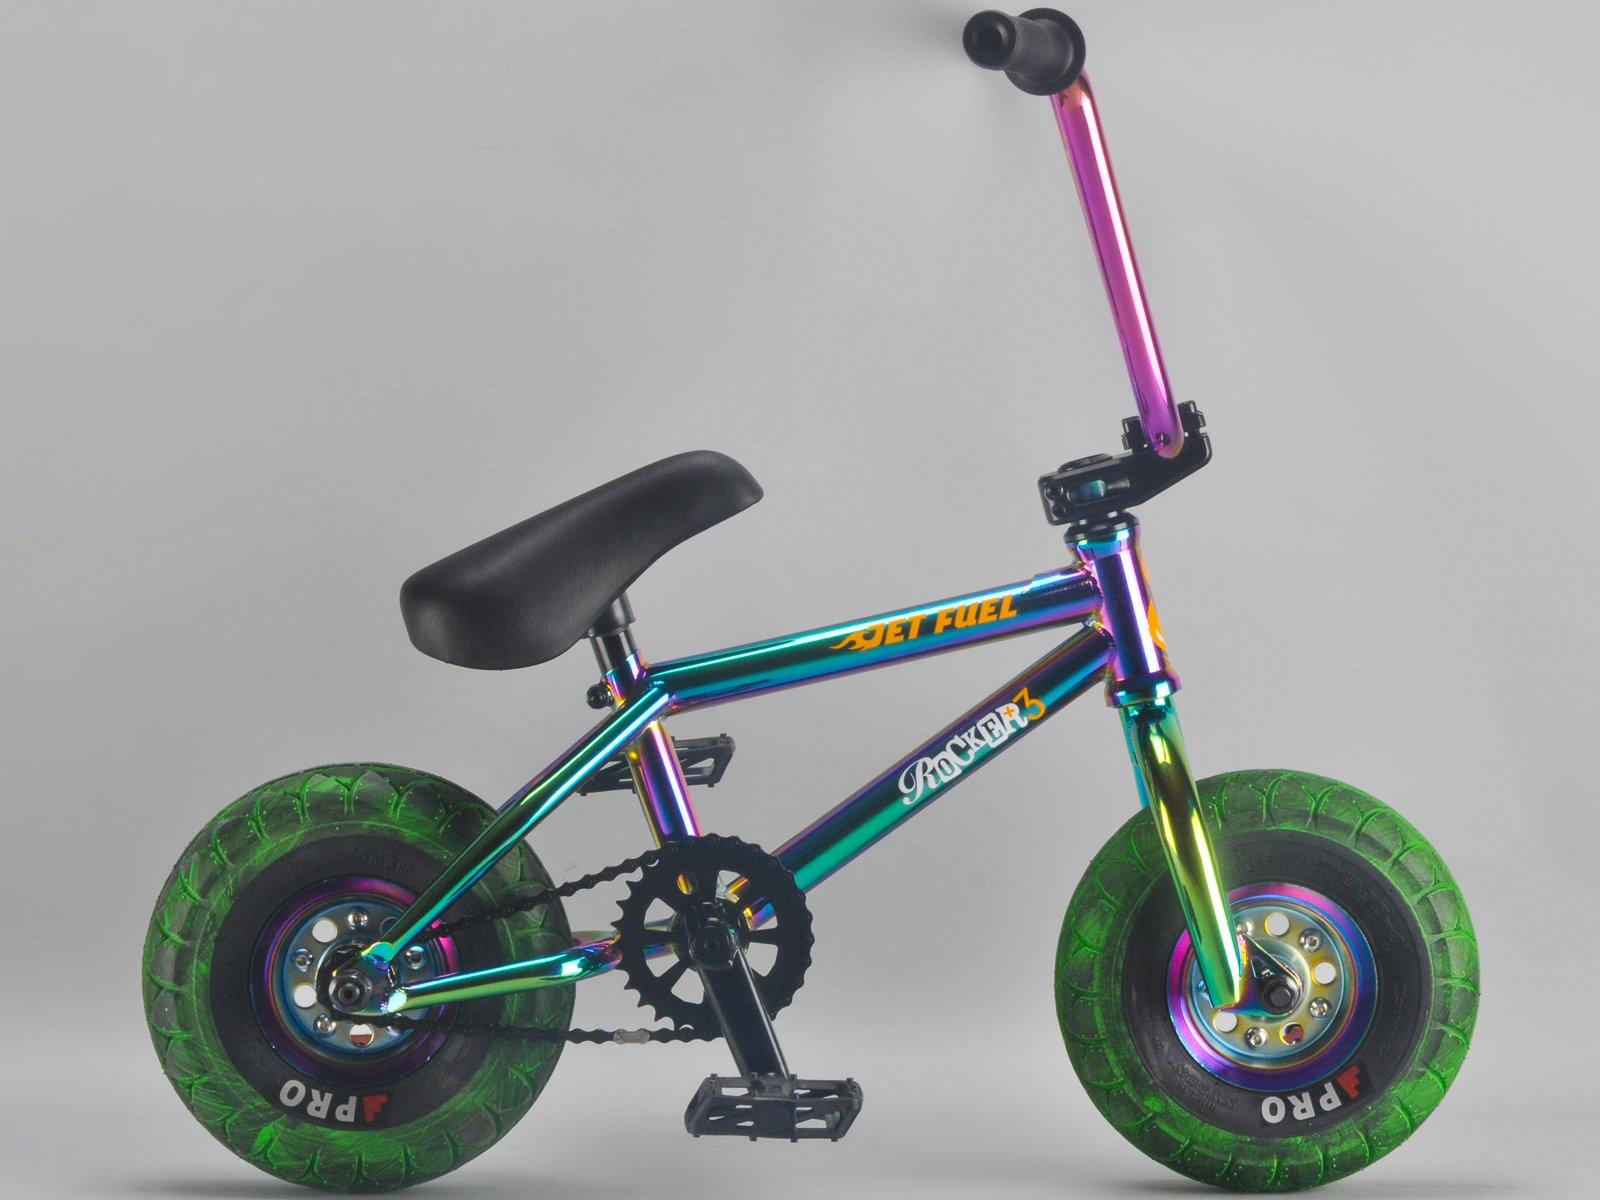 Rocker 3+ JET FUEL BMX Mini BMX Bike